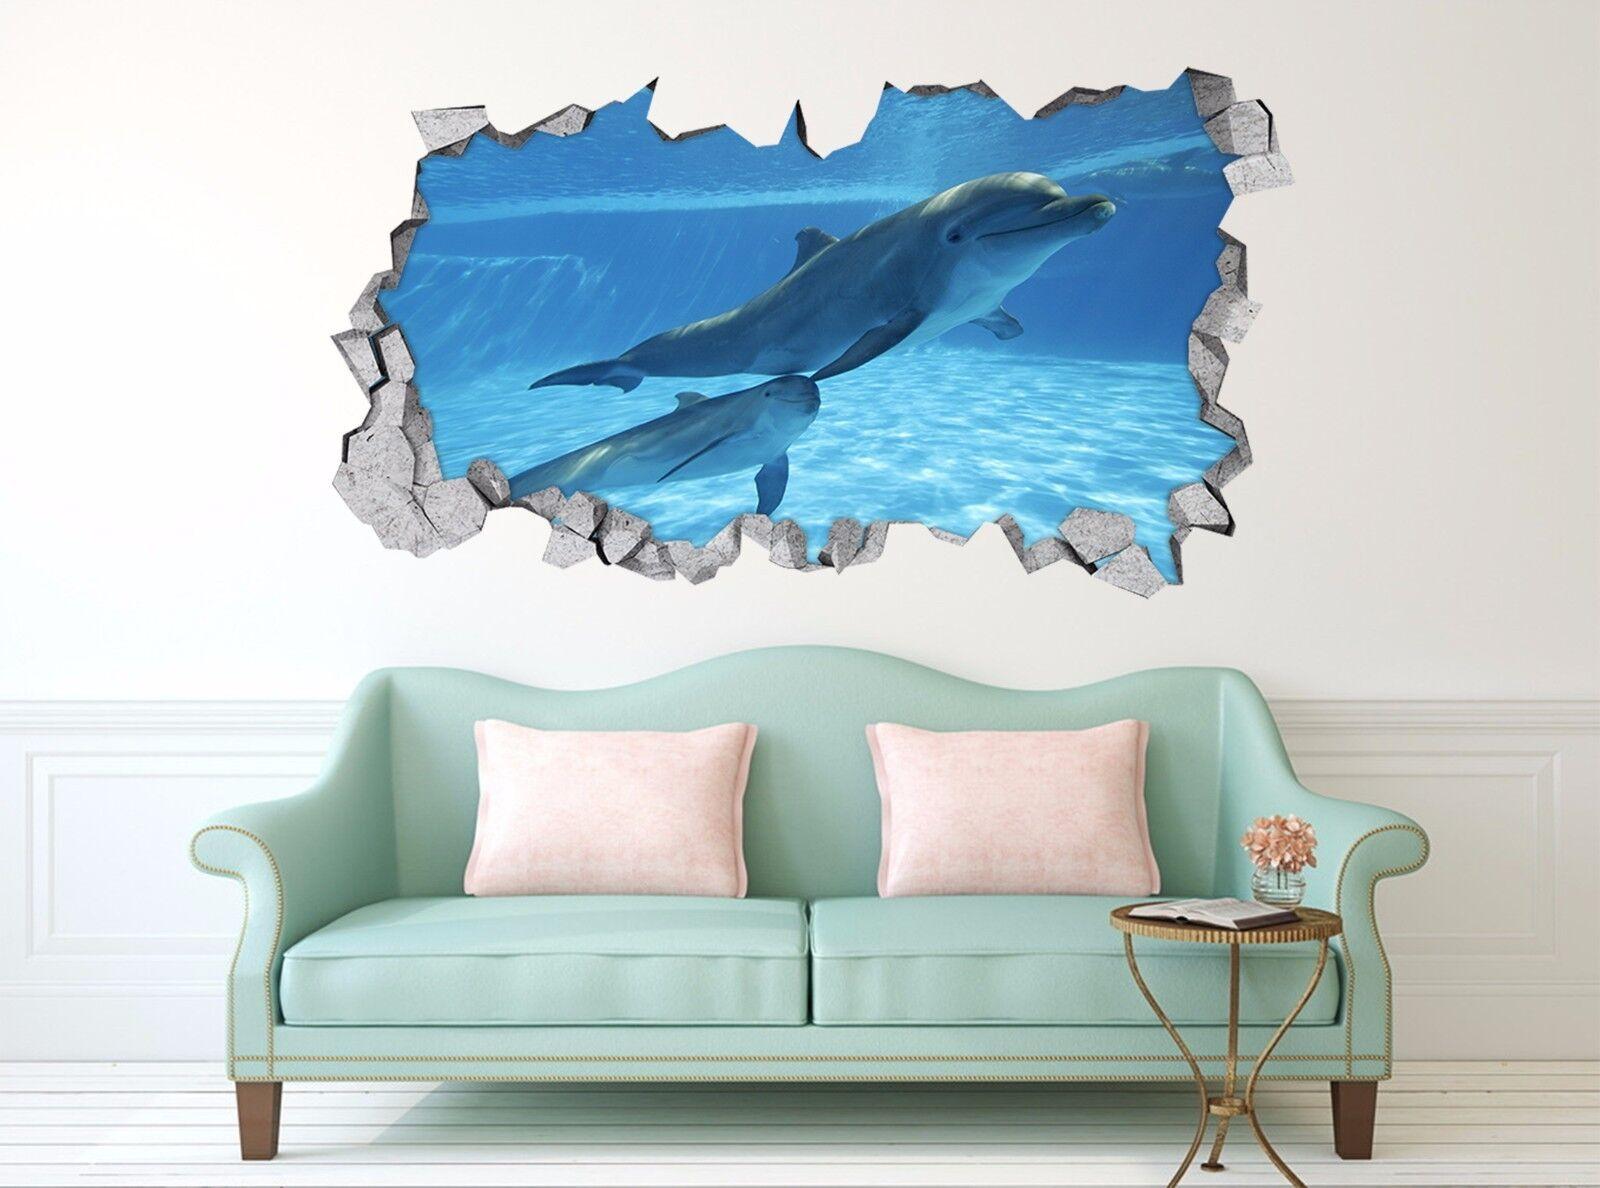 3D Netter Delphin 7 Mauer Murals Mauer Aufklebe Decal Durchbruch AJ WALLPAPER DE